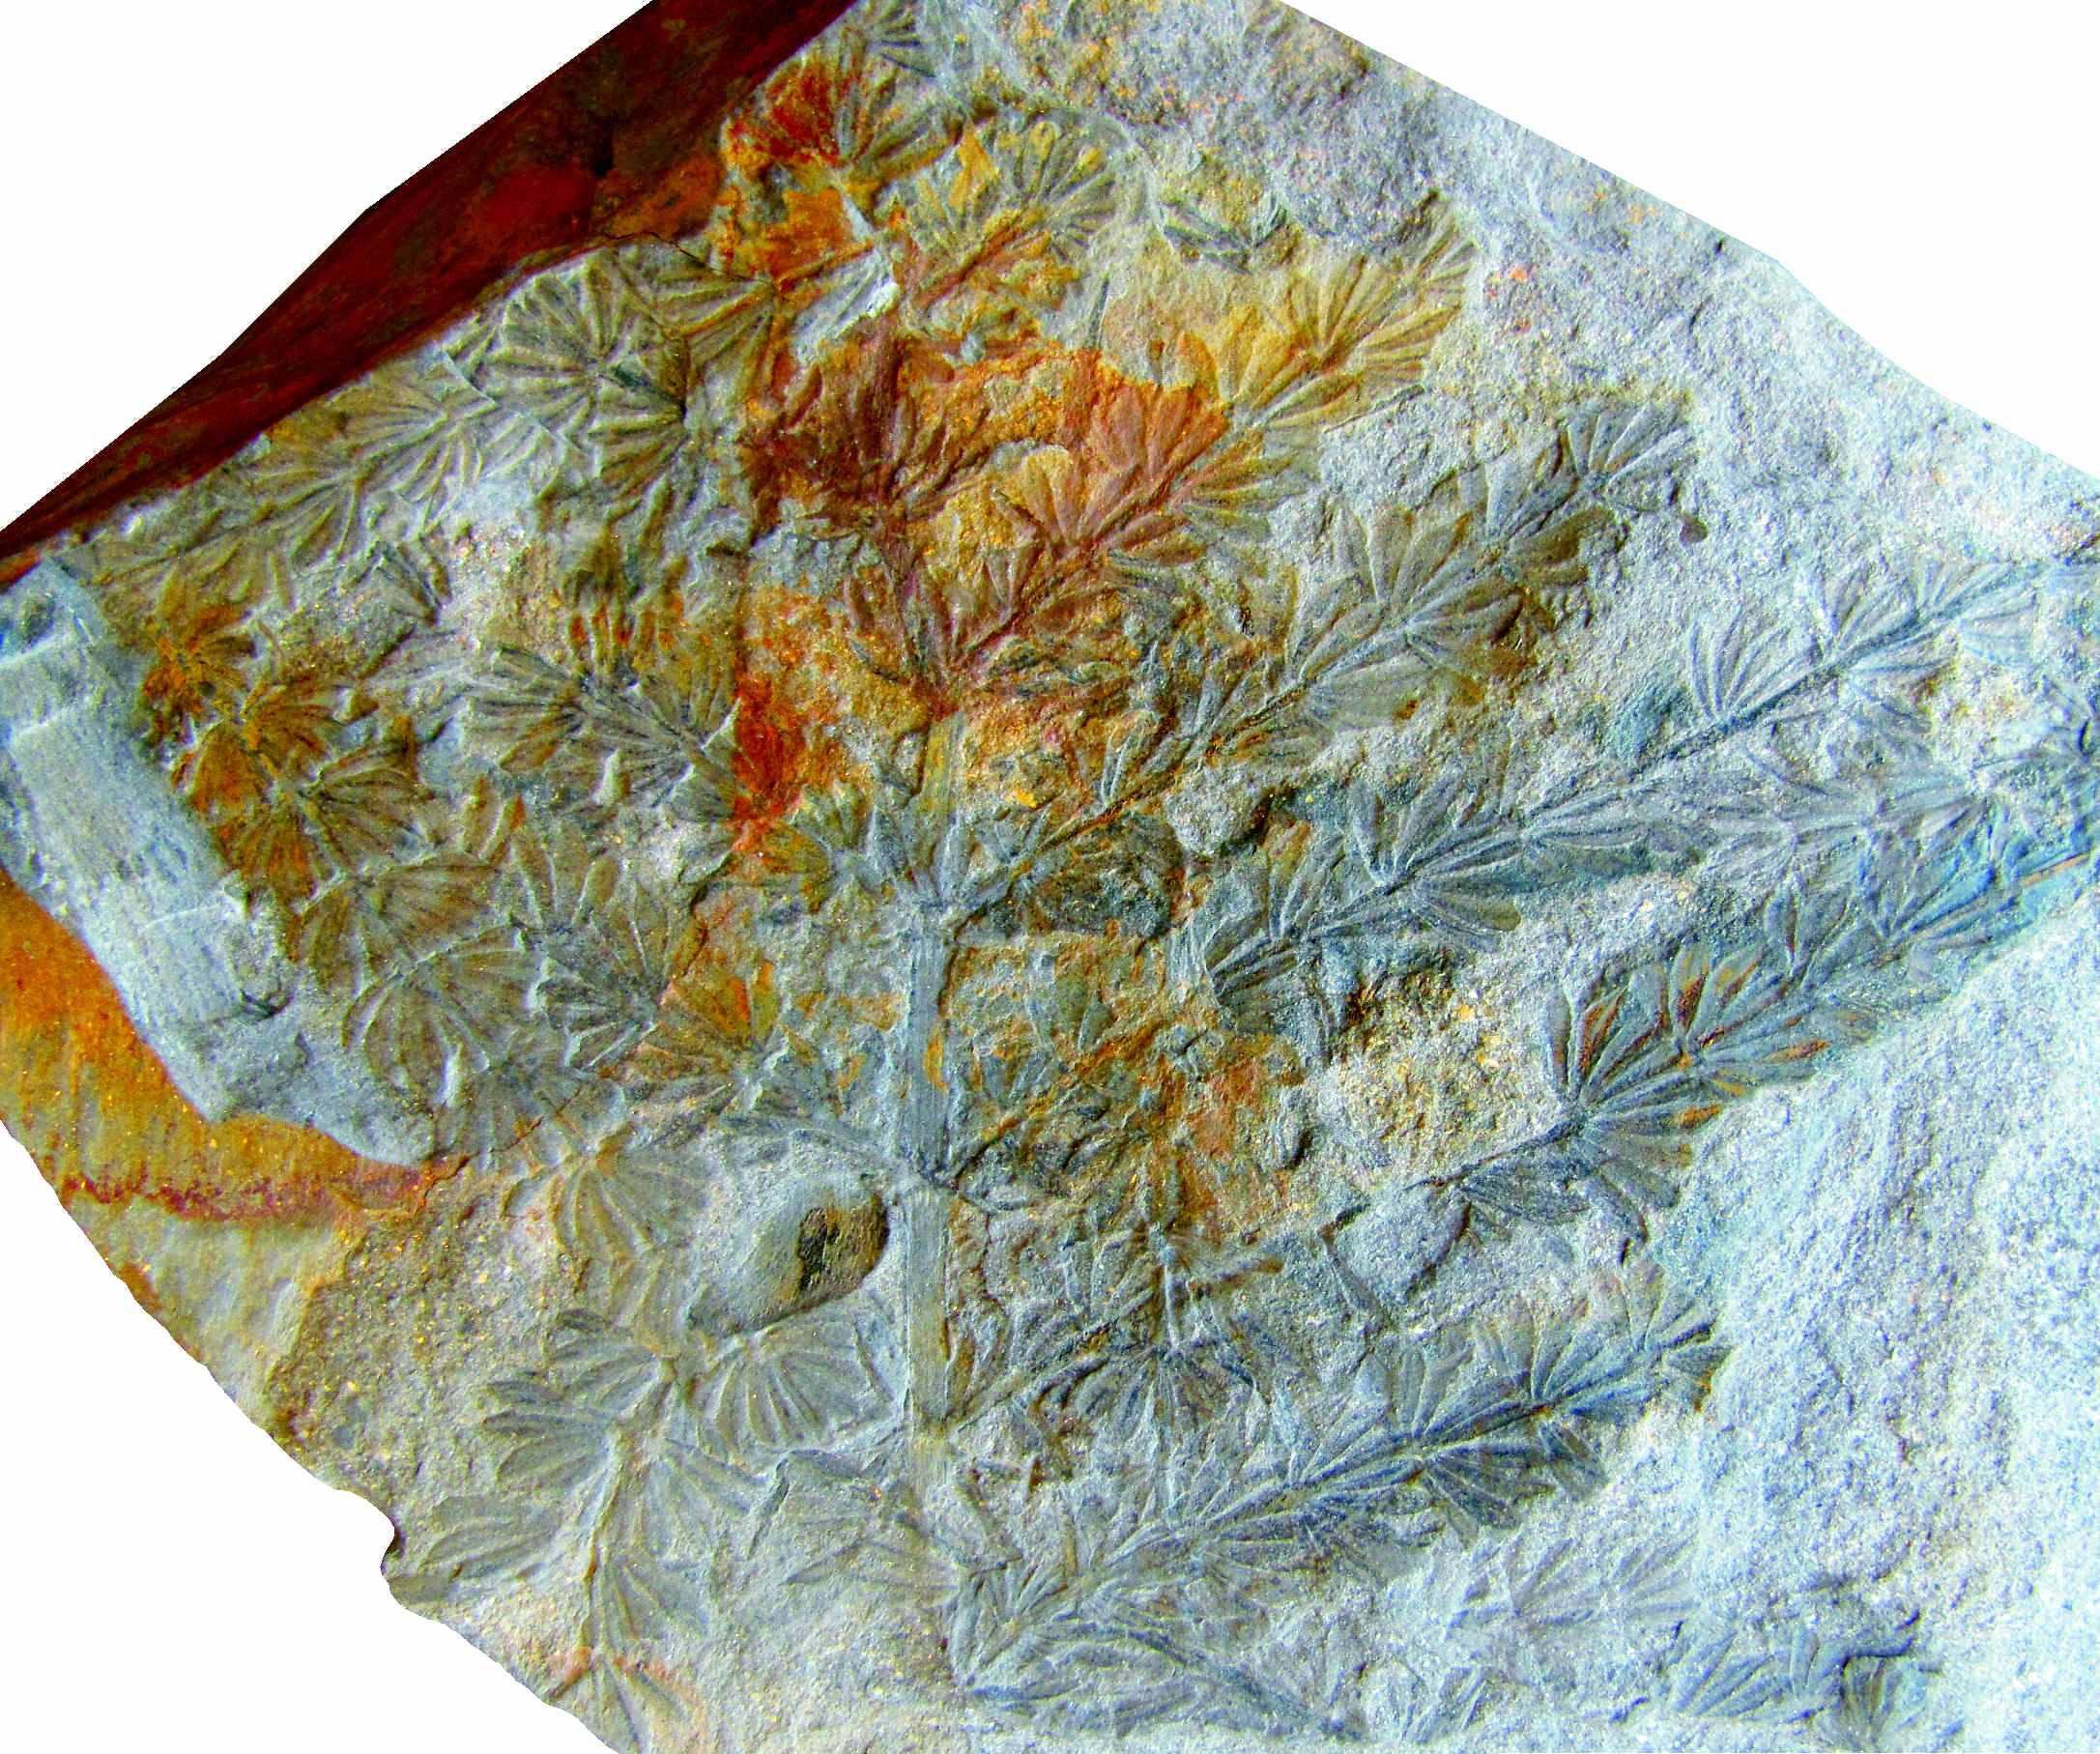 Investigador da FCUP descobre fóssil de uma nova espécie de planta